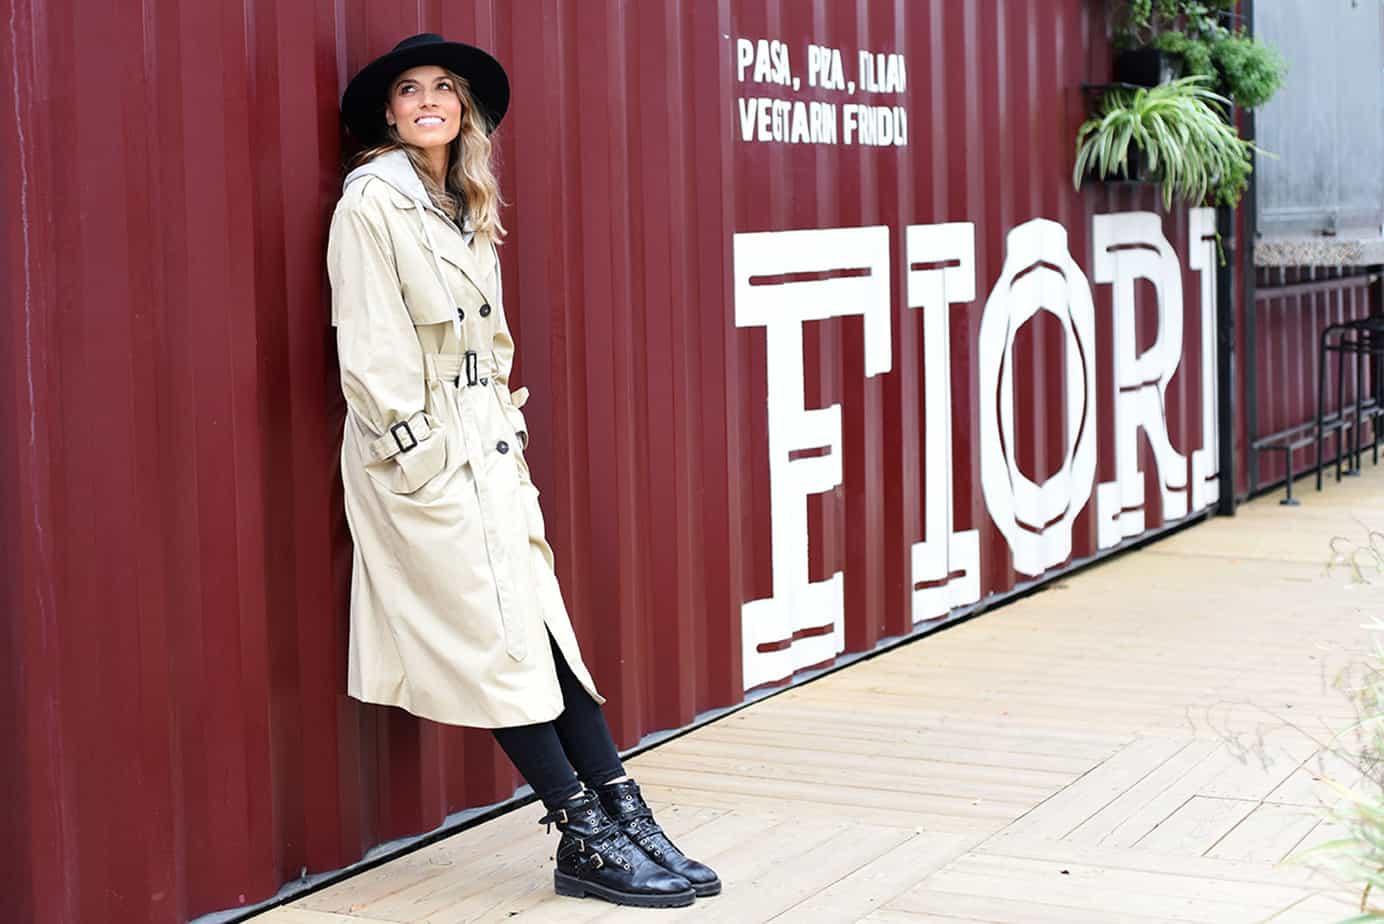 מעיל: מנגו קפוצ'ון: פוקס כובע: אוסף פרטי, חגורה: עדיקה, הודיה פיינגולד צילום לימור יערי - 1